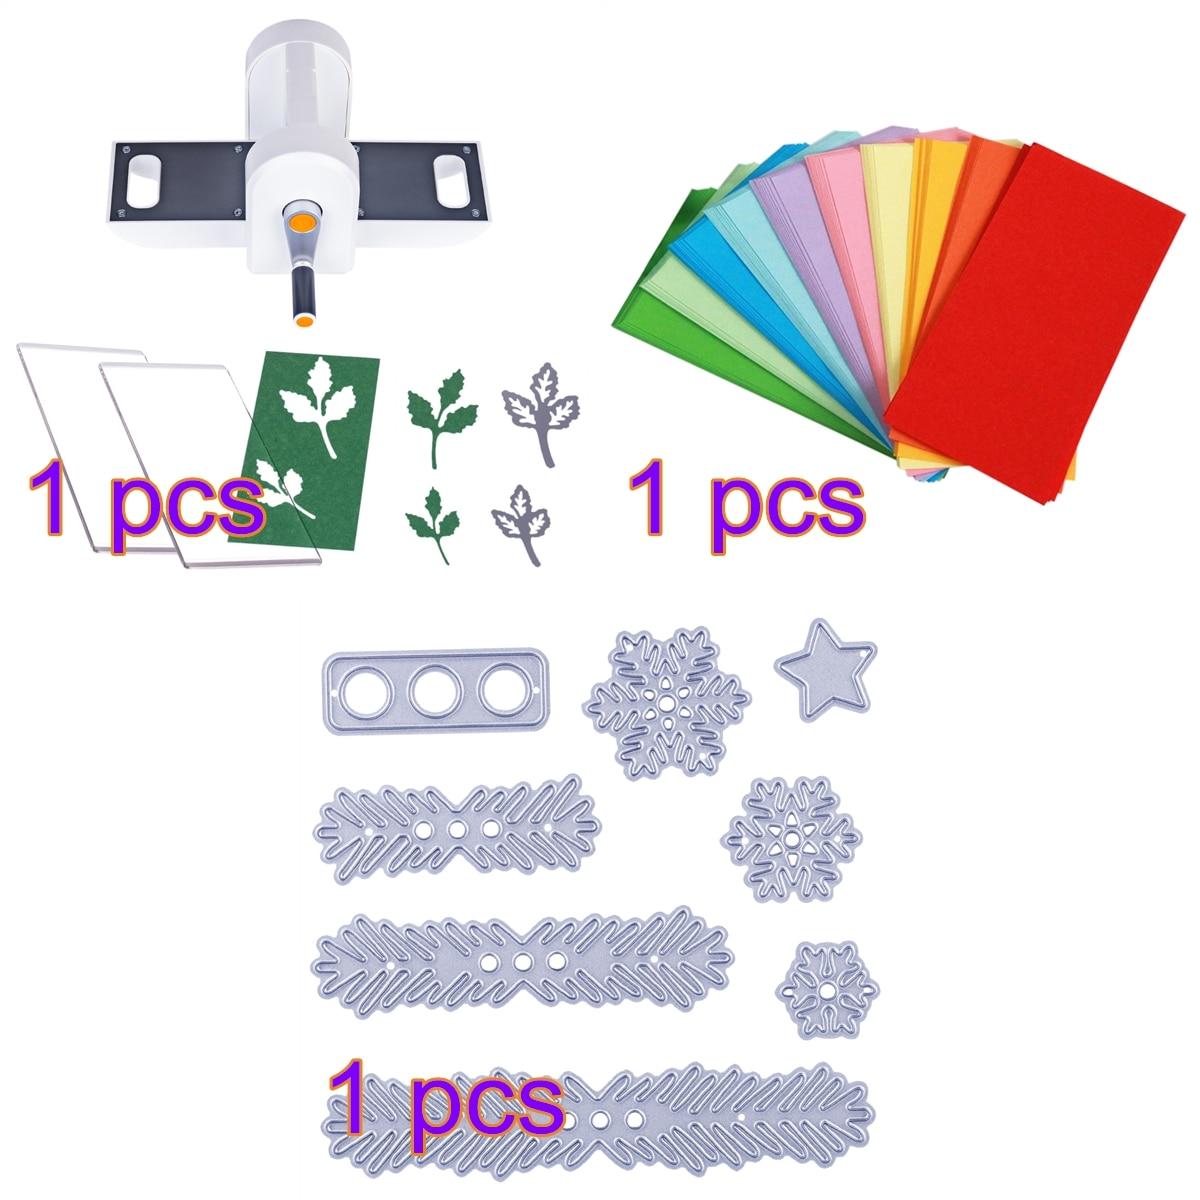 Bricolage découpe gaufrage Machine Scrabooking Alubm carte Cutter outil + 8 pièces coupe moule ensemble + 200 feuilles Double face pliage papier